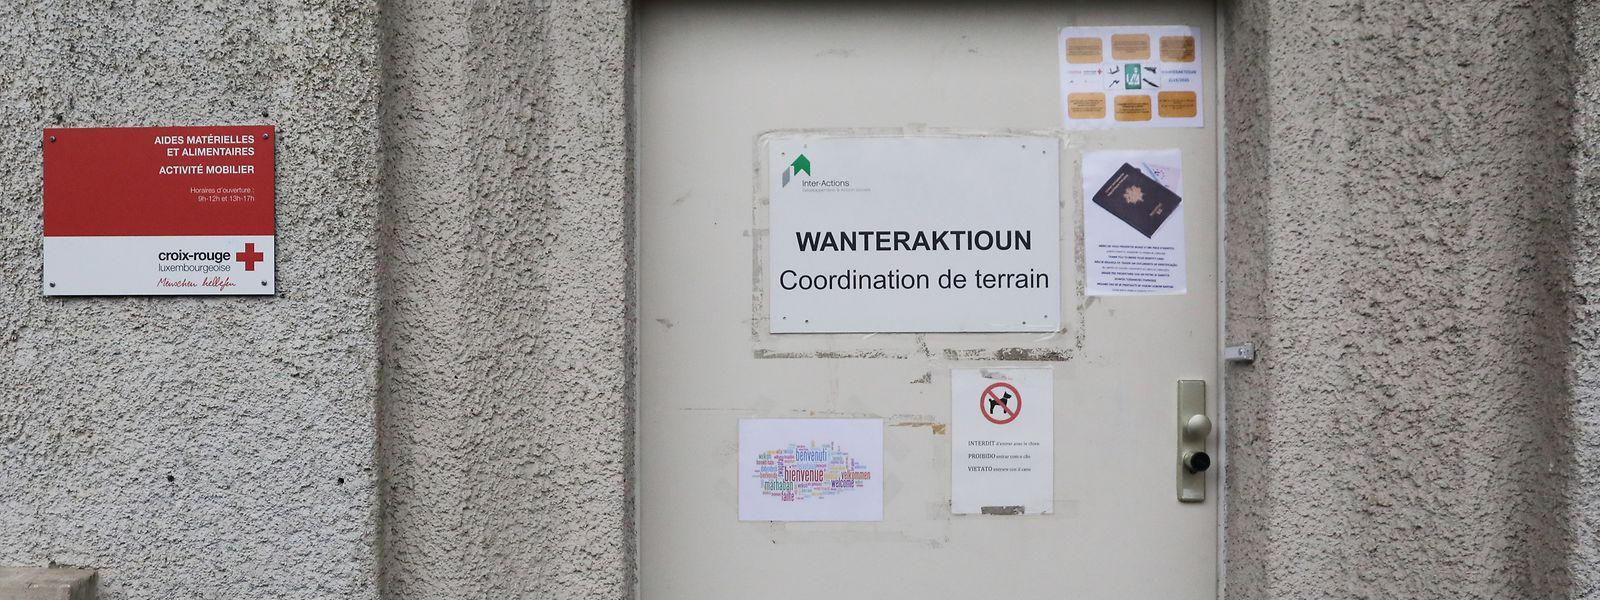 Die graue Stahltür des sogenannten Foyer de jour der Wanteraktioun (WAK) steht Obdachlosen noch bis zum 31. März offen.